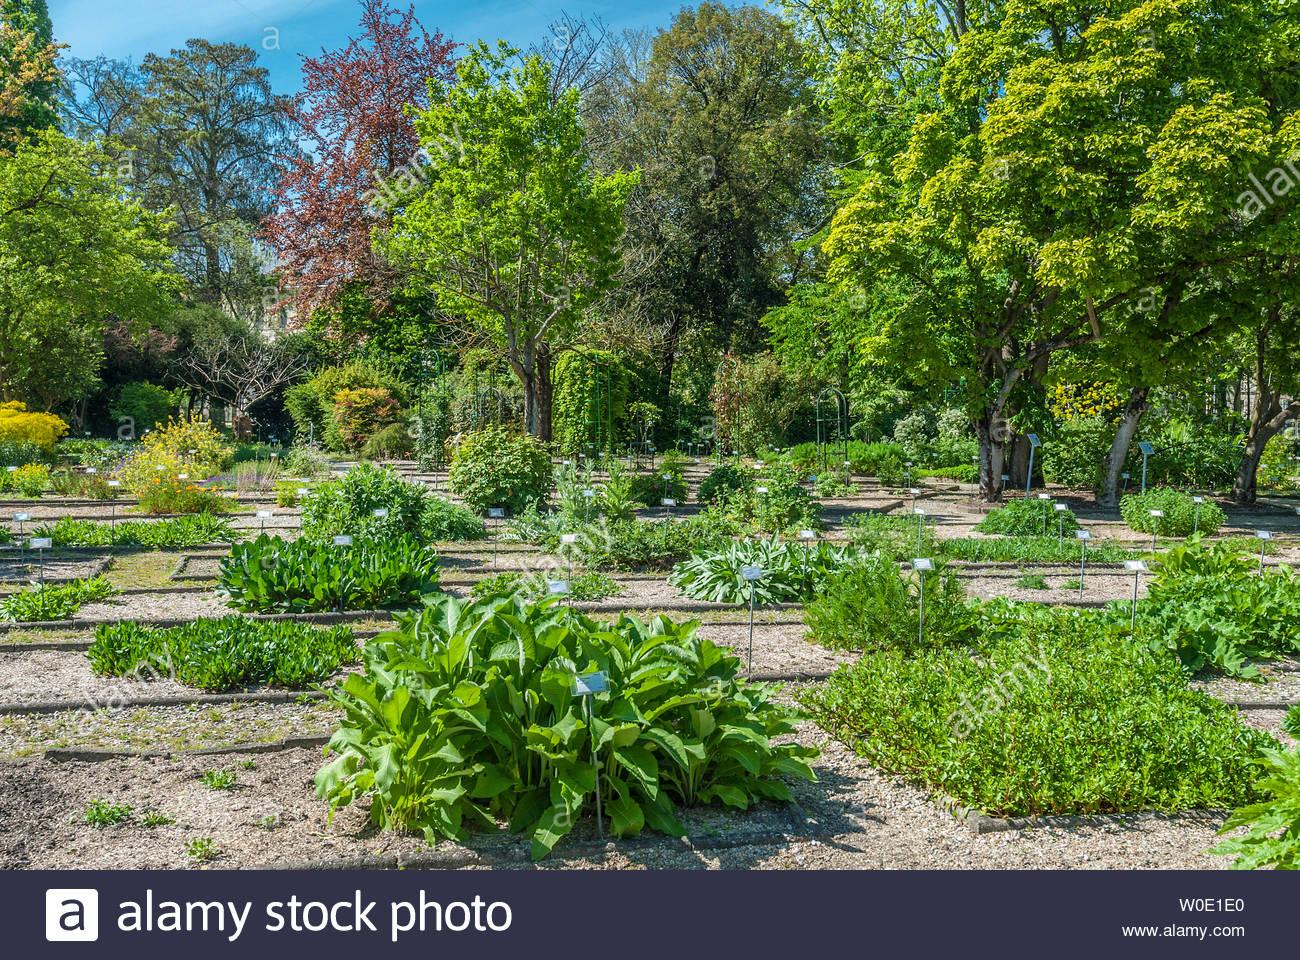 Jardin Botanique Bordeaux Nouveau France Gironde Bordeaux Botanical Garden Of the Jardin Of 64 Luxe Jardin Botanique Bordeaux